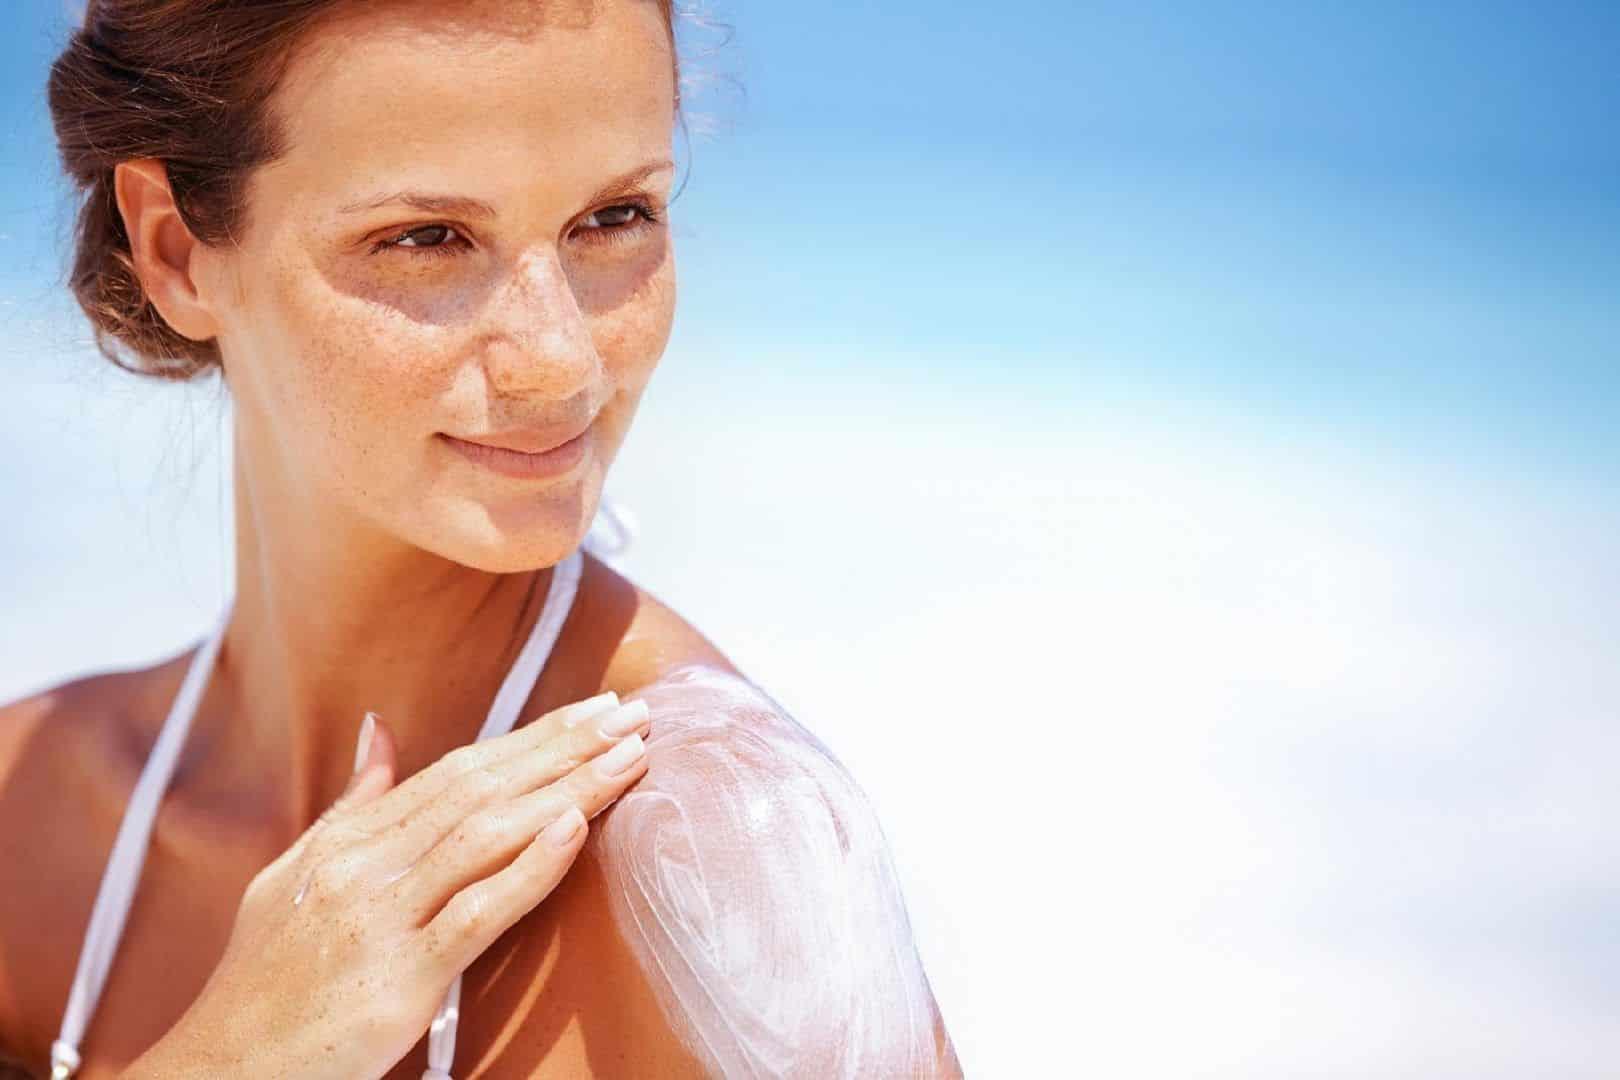 Alergia ao sol – Sintomas, causas, tratamentos e prevenção